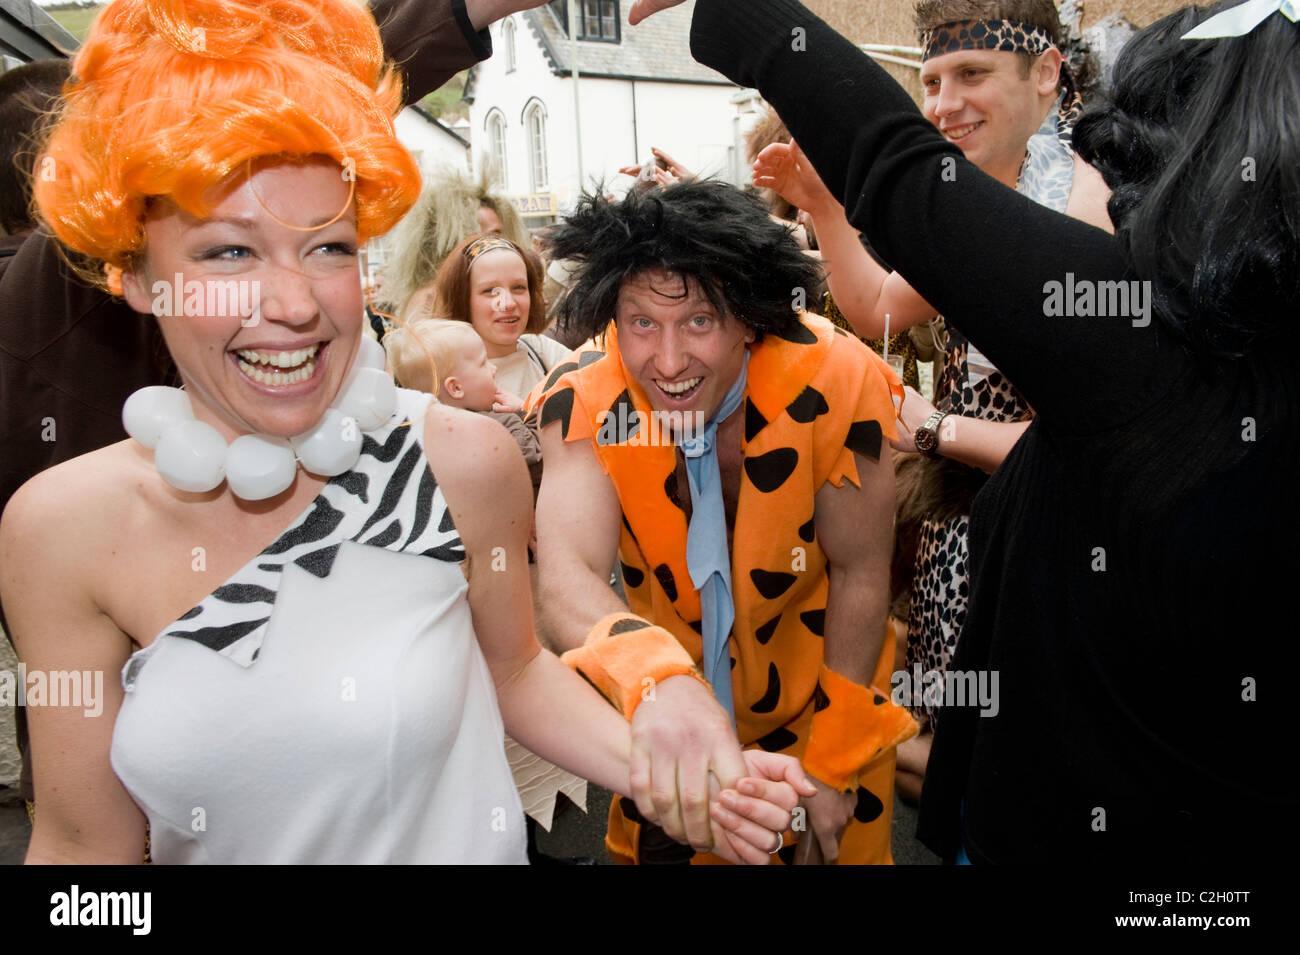 Ed Robinson (34) (Fred)et Gayle Watson (29) (Thelma) lors de leur mariage à thème pierrafeu à Combe Photo Stock